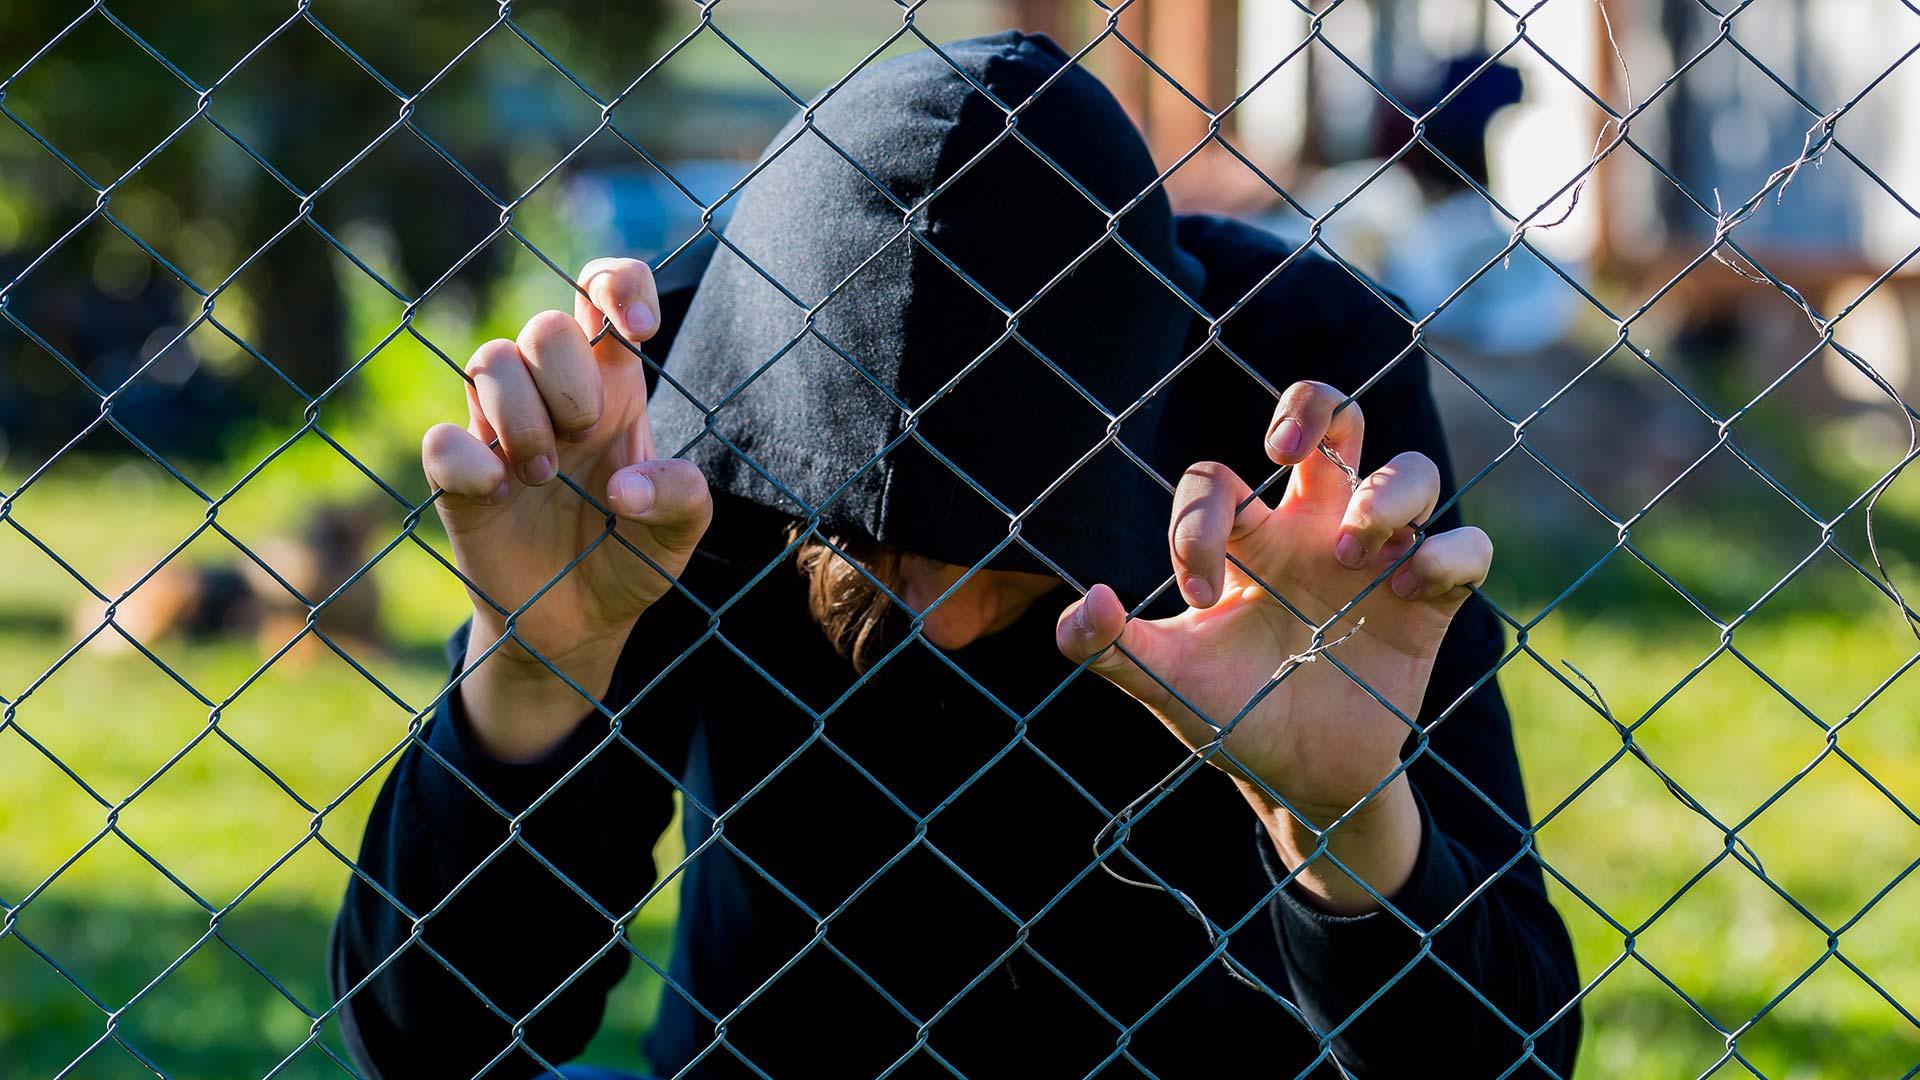 Kritiek op nieuw decreet rond jeugddelinquentie